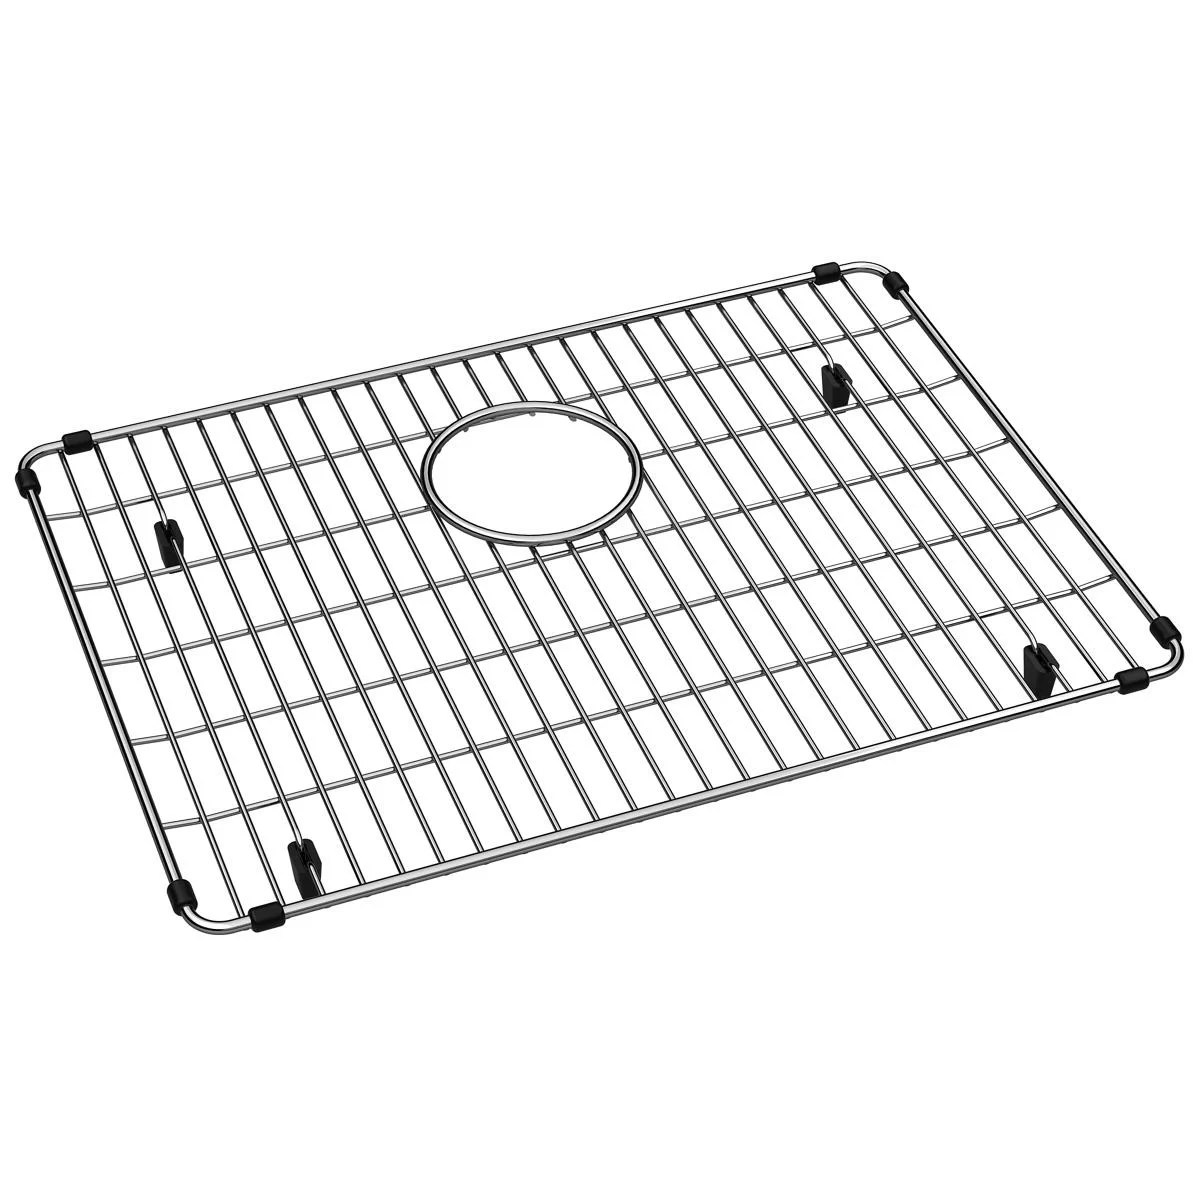 19 x 14 sink grid